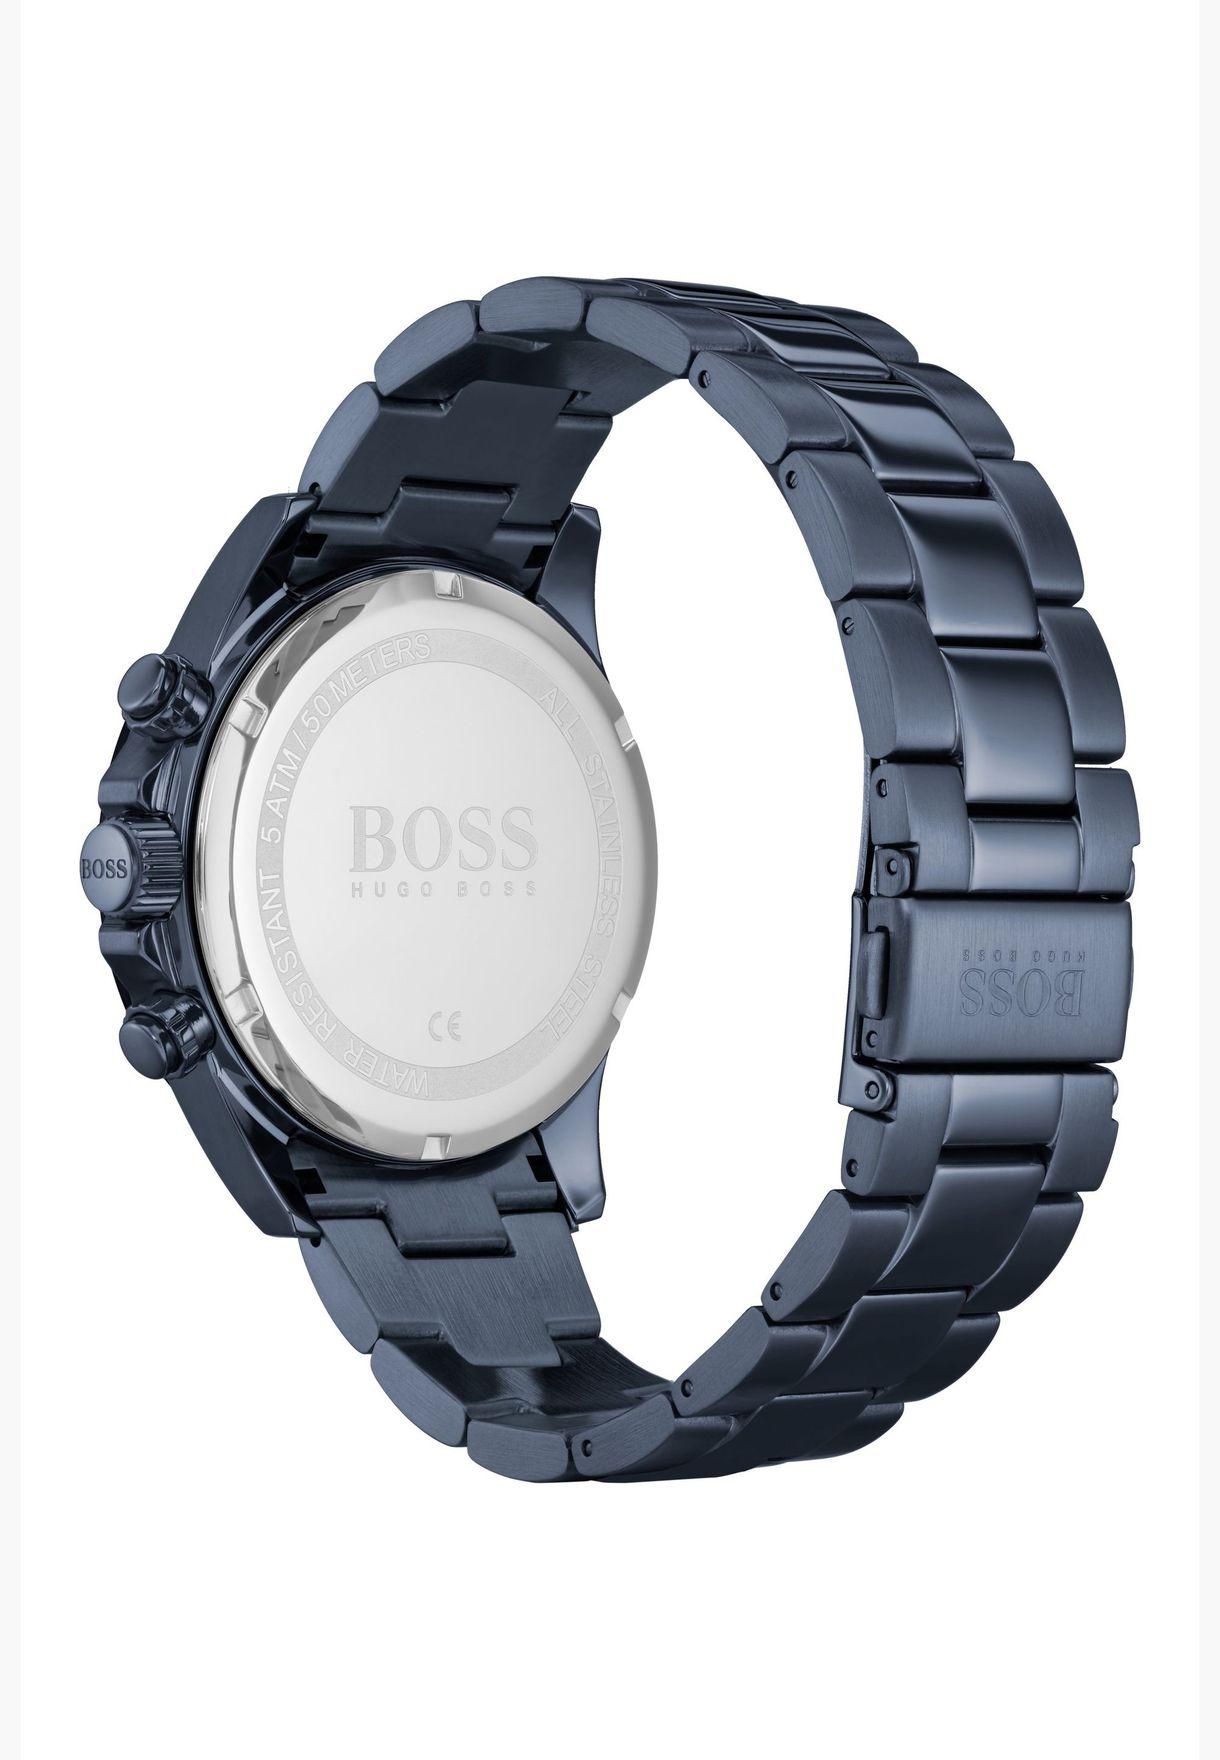 هيوغو بوس ساعة هيرو بسوار فولاذي للرجال - 1513758